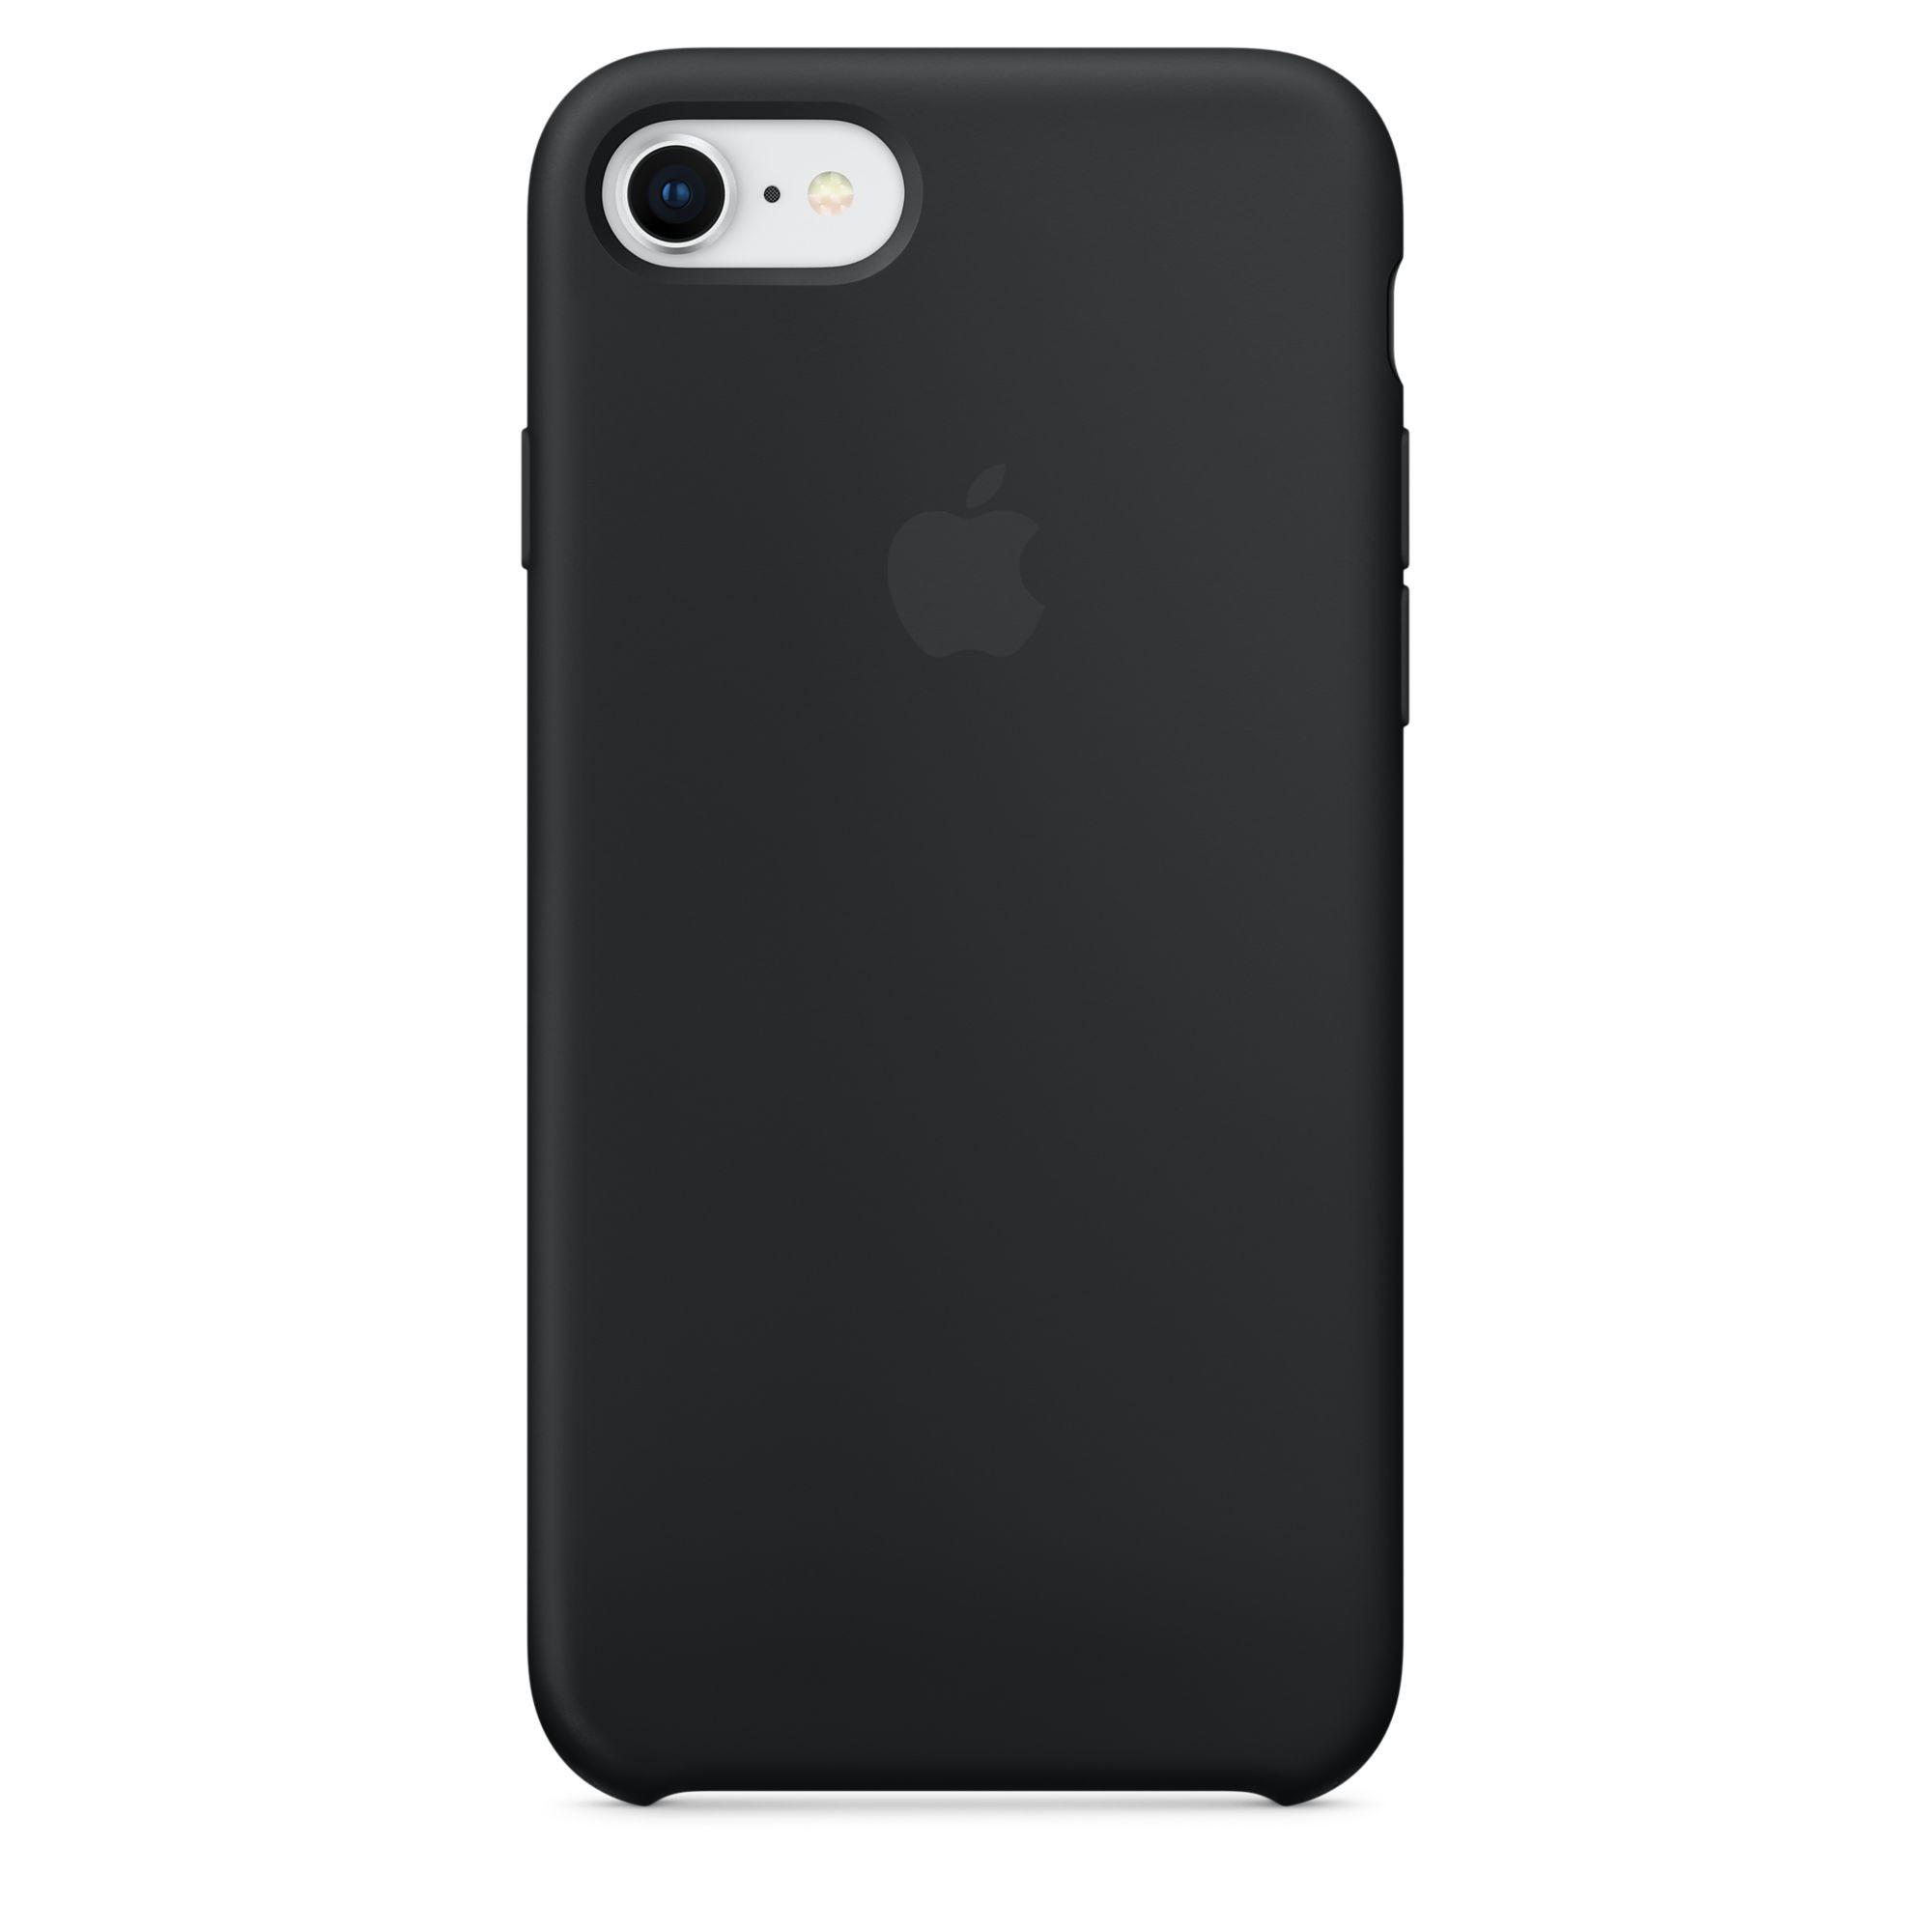 Apple silikonový kryt na iPhone 8 / 7 – černý